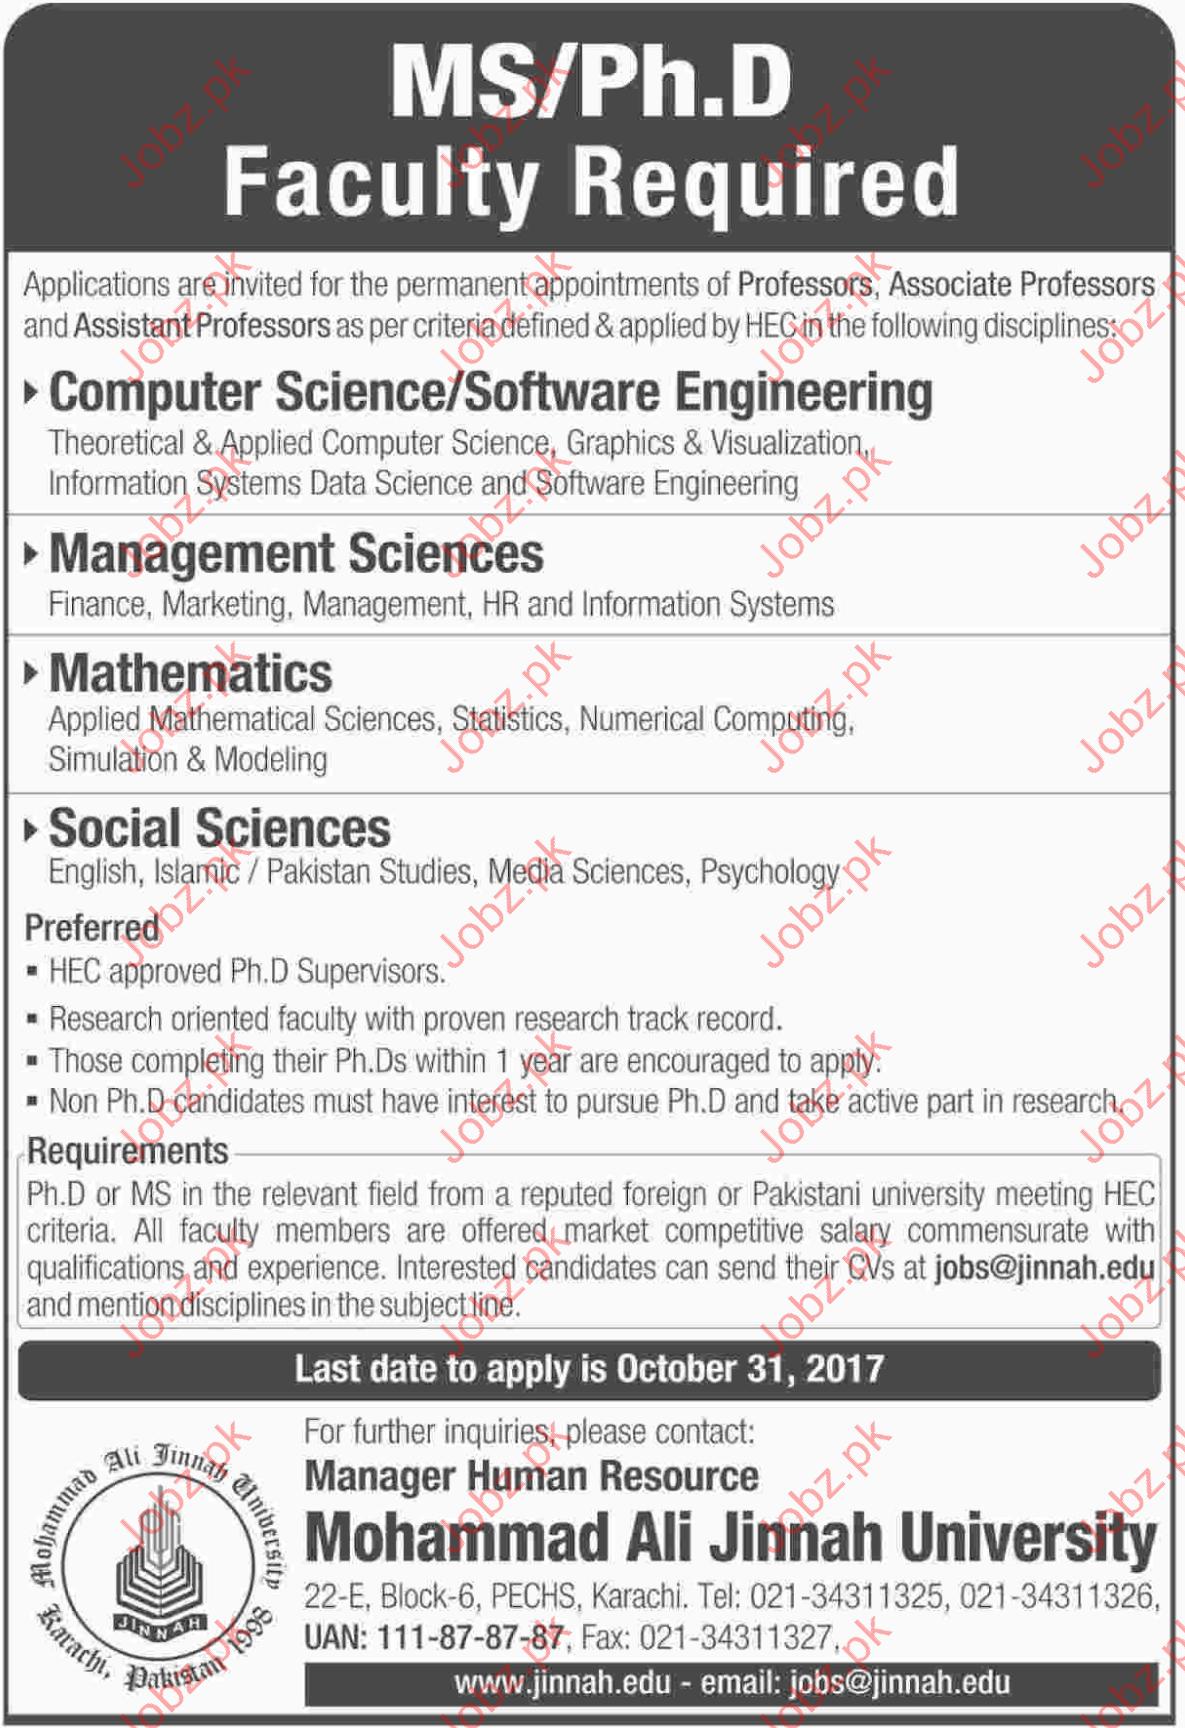 Mohammad Ali Jinnah University MAJU wanted